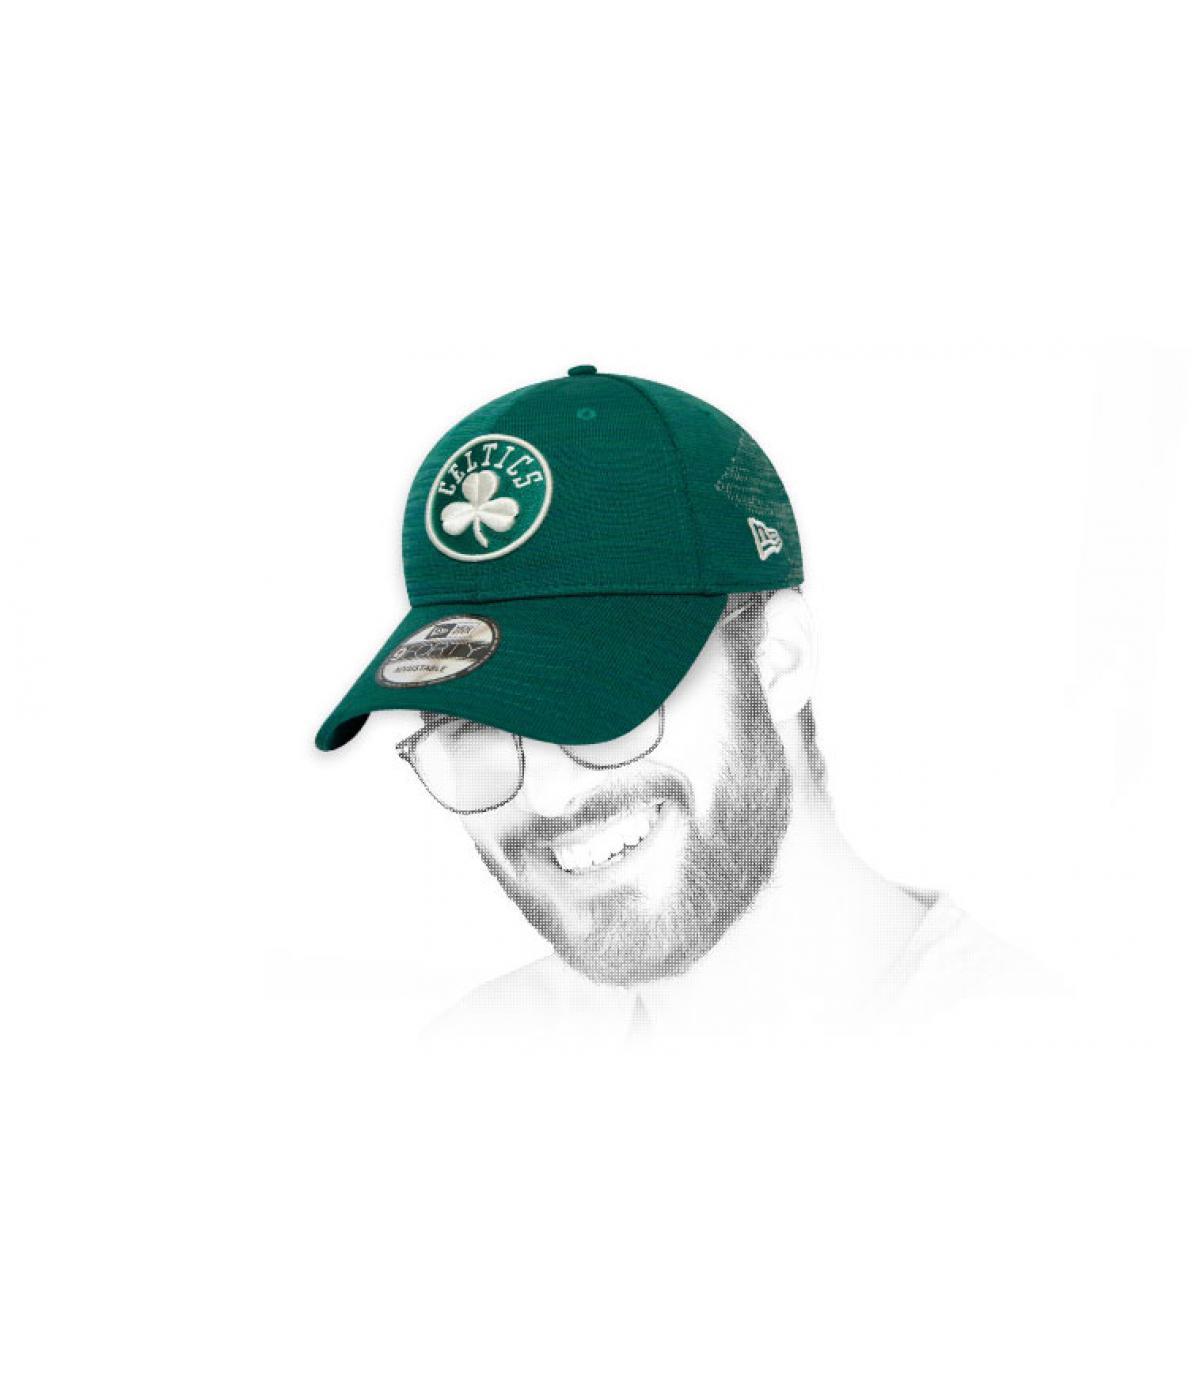 green Celtics cap